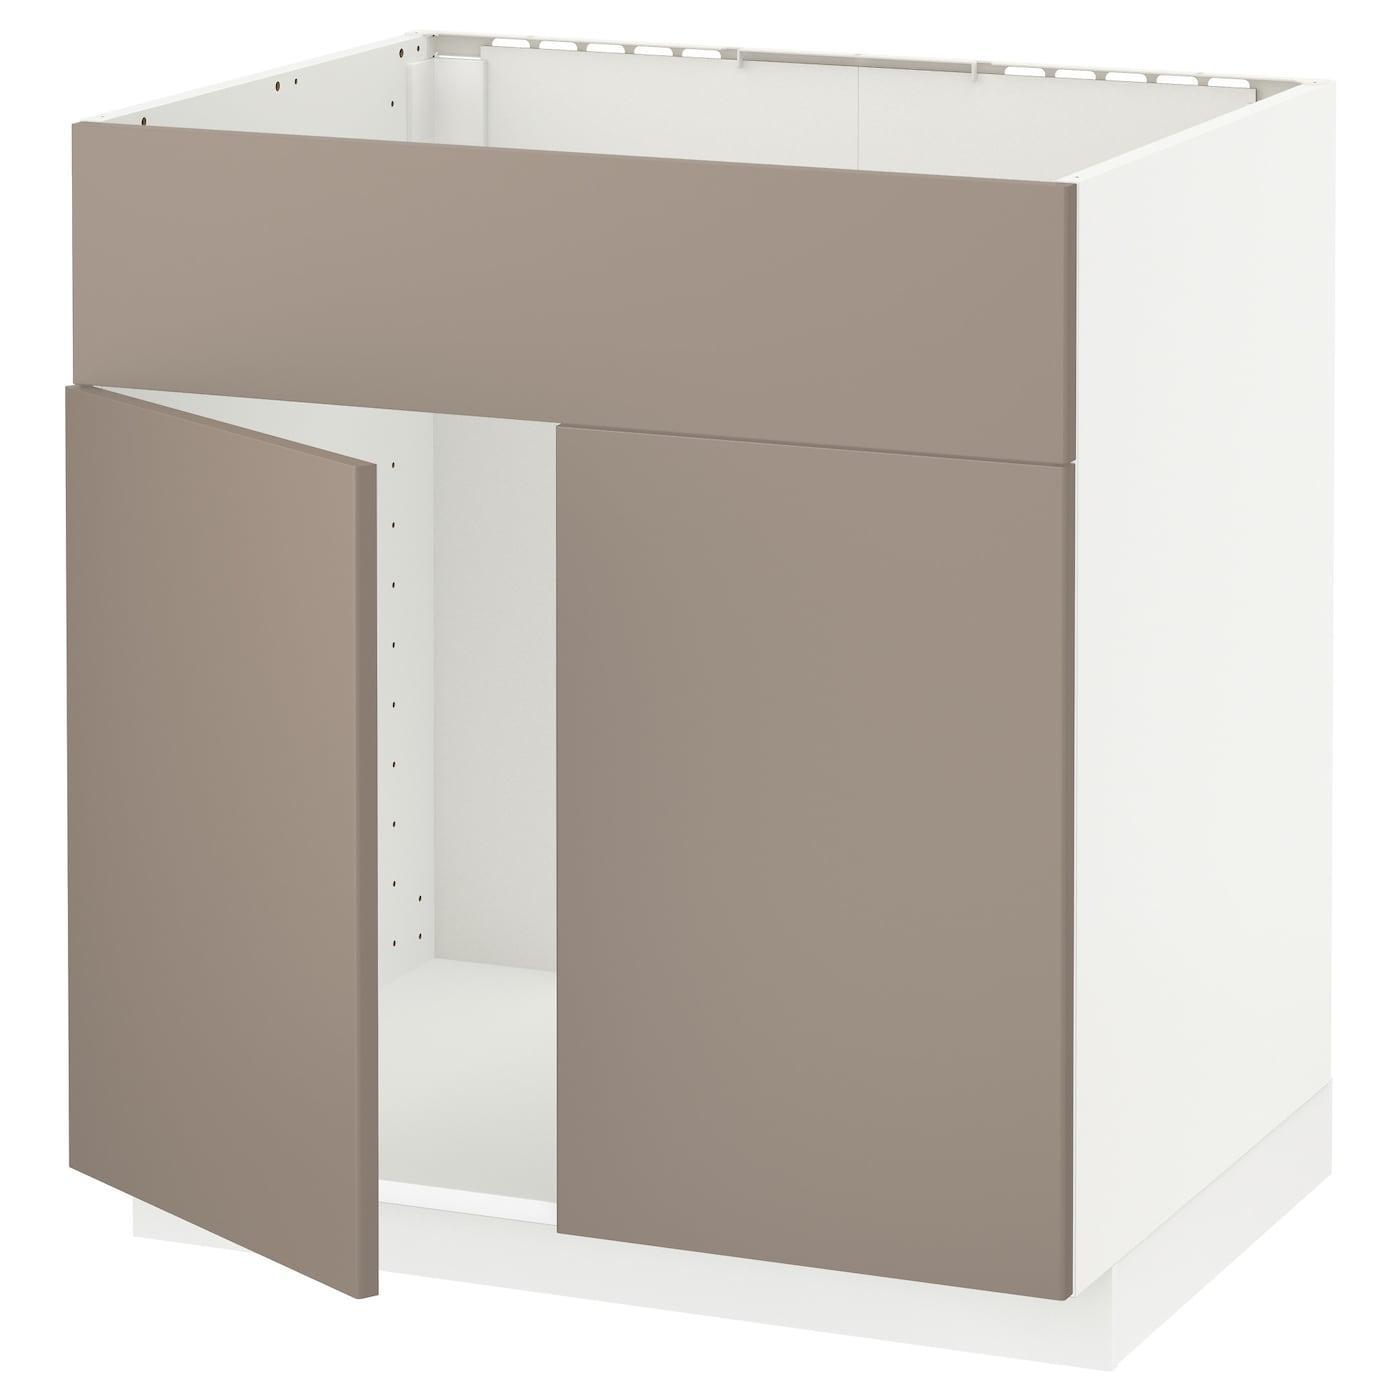 METOD, Unterschr für Spüle+2 Türen/Front, weiß, dunkelbeige 691.165.88